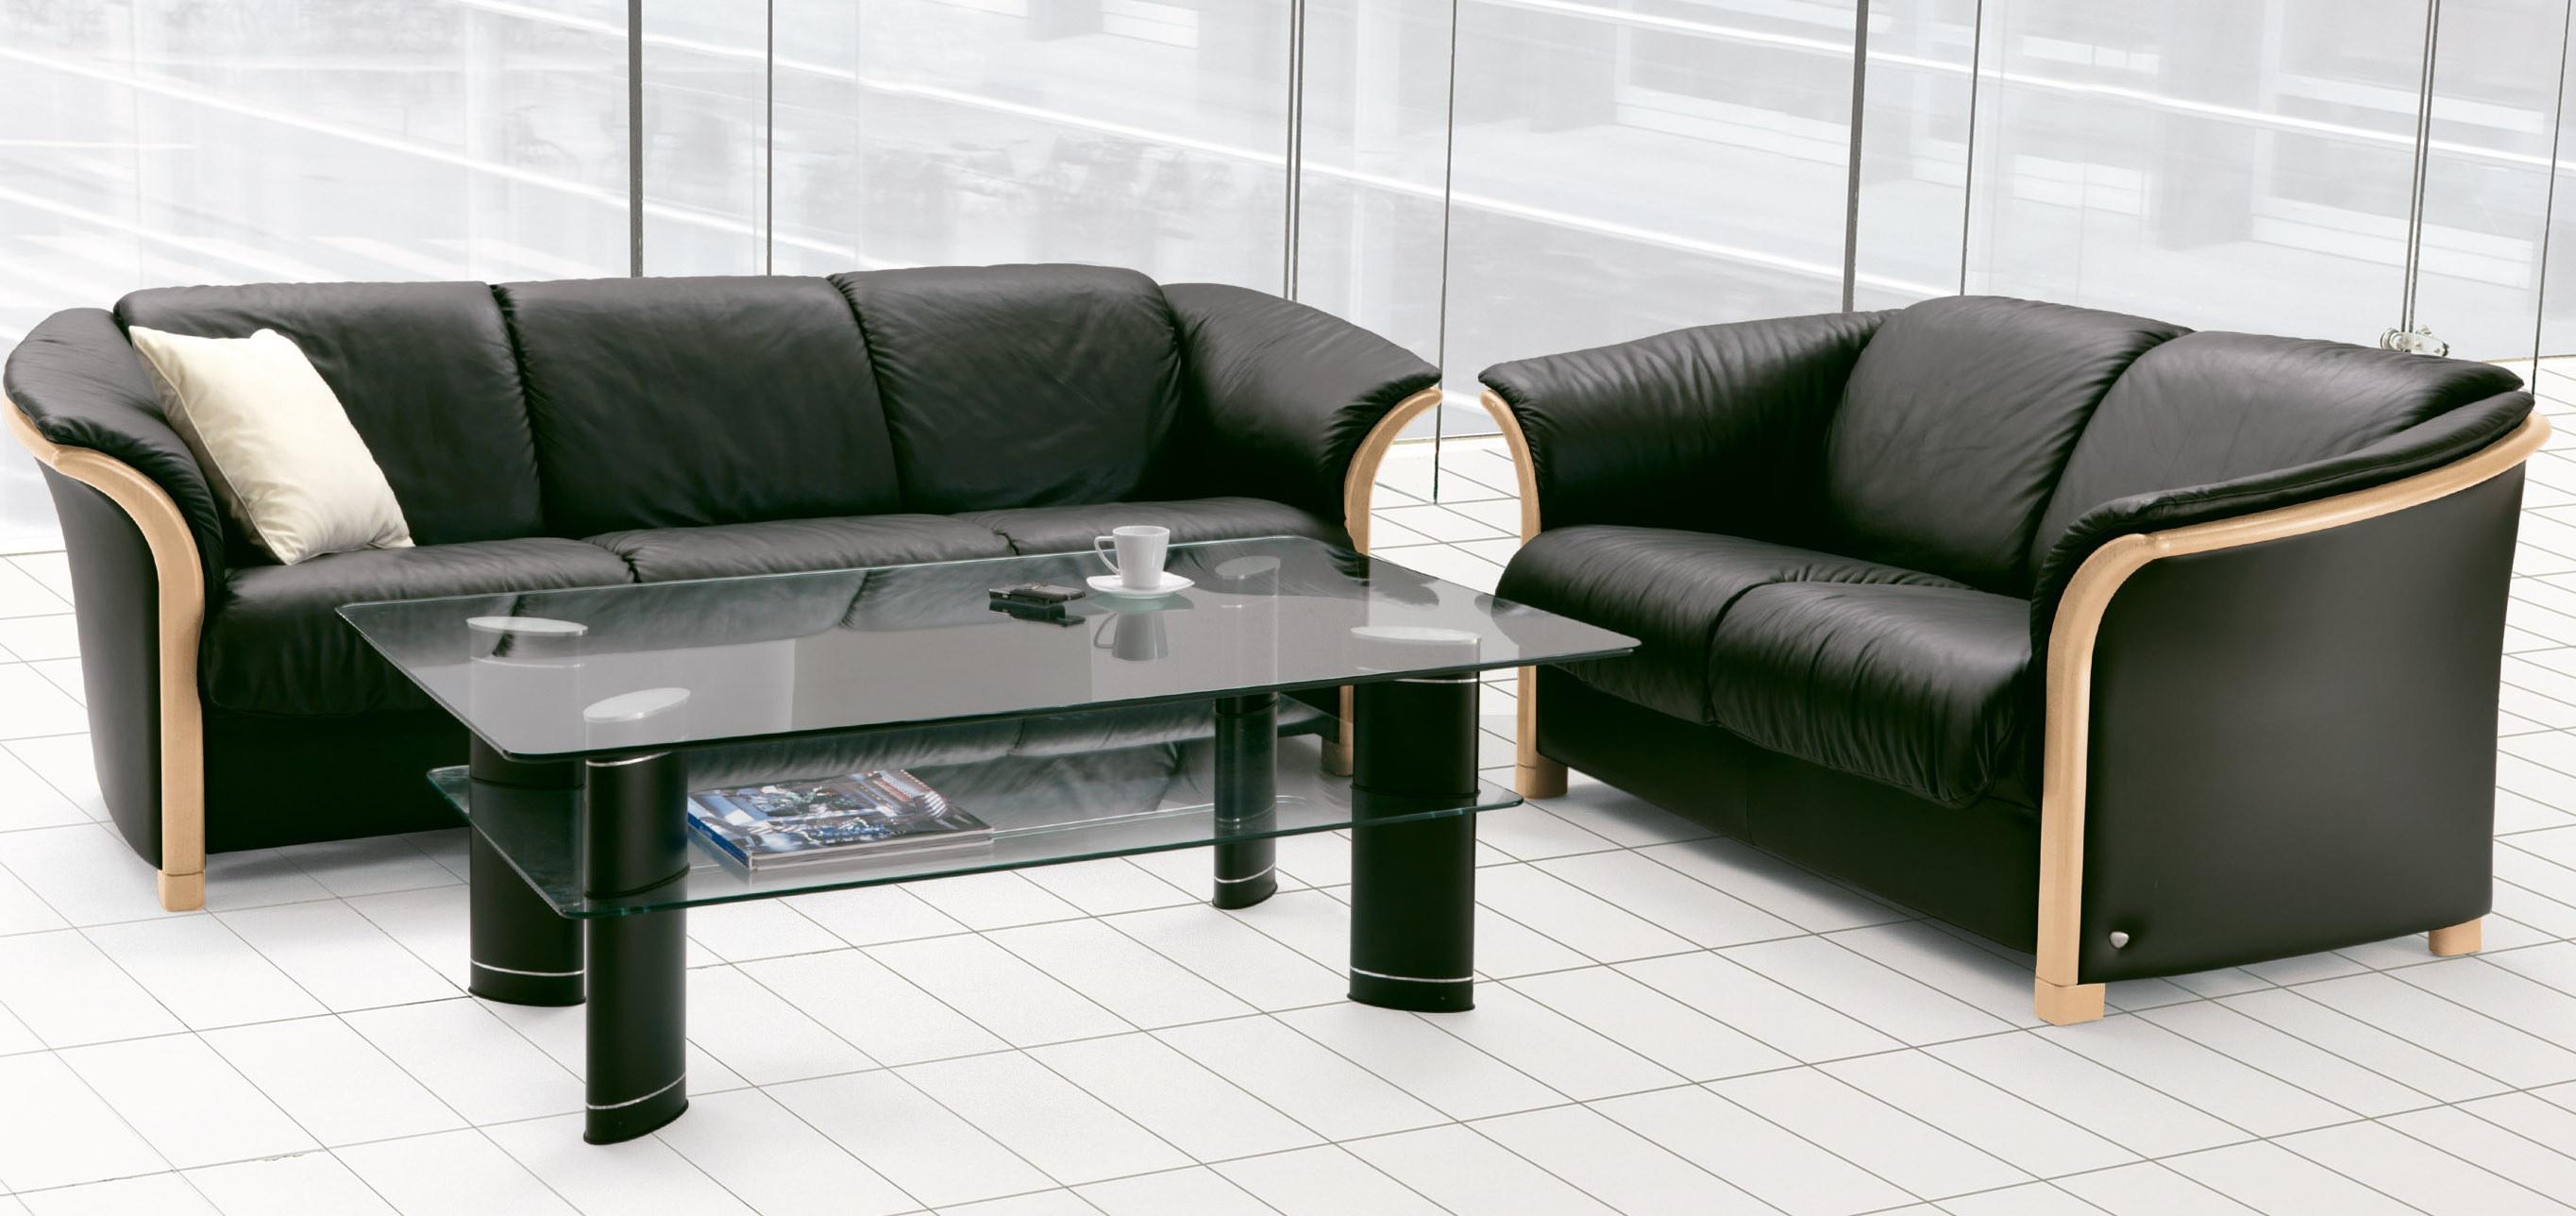 stressless manhattan sofa reviews sofa review. Black Bedroom Furniture Sets. Home Design Ideas